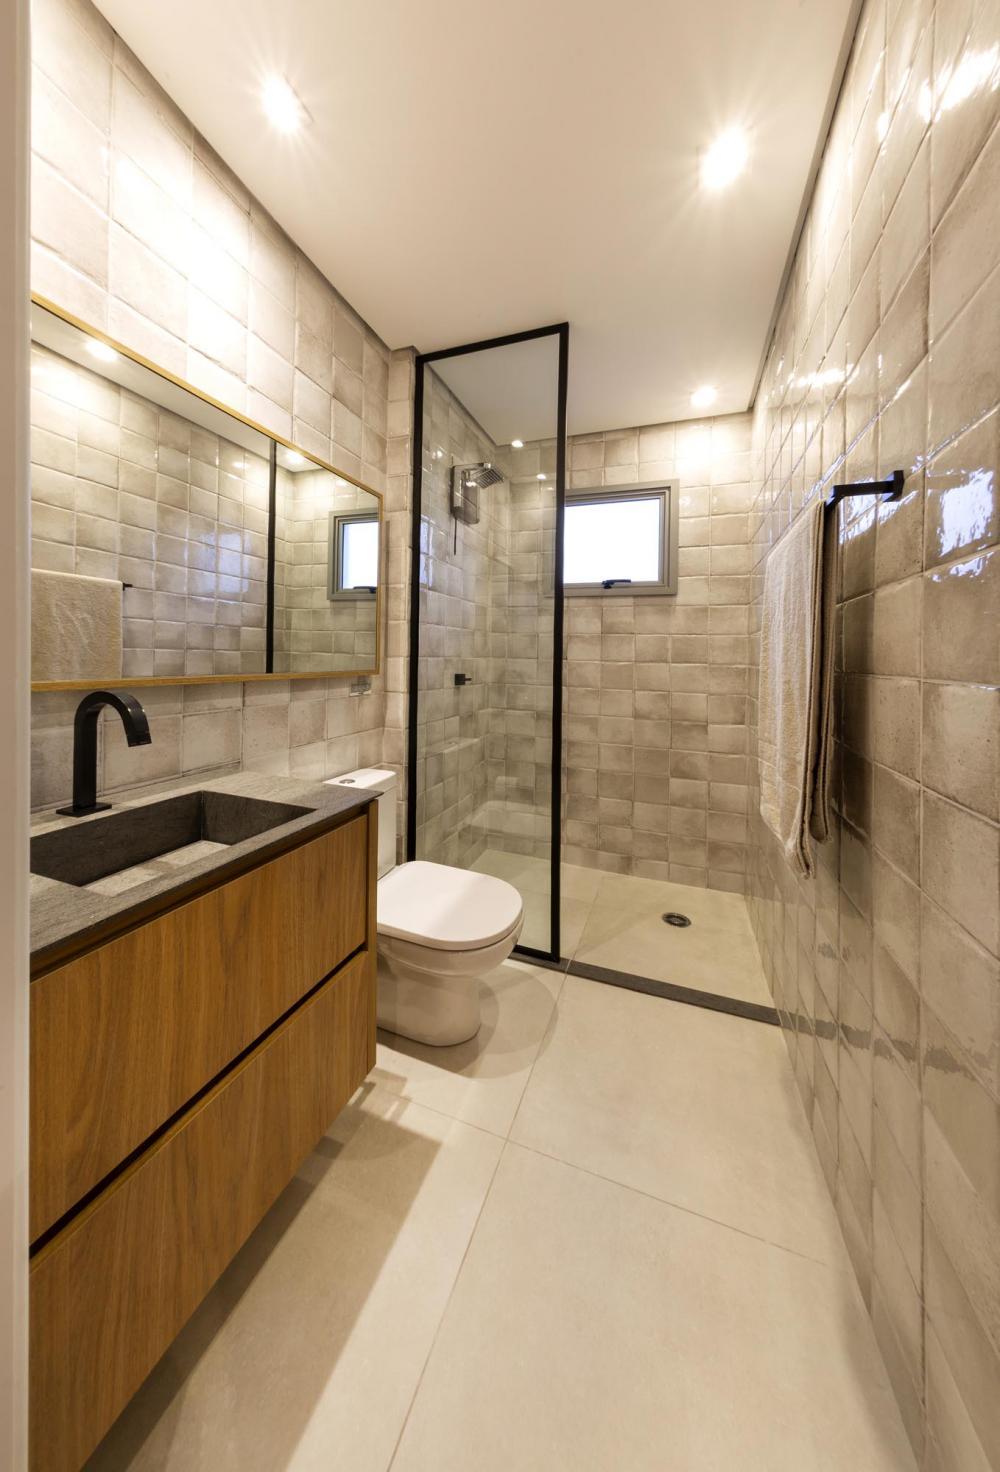 Comprar Apartamento / Padrão em Ribeirão Preto R$ 417.000,00 - Foto 14